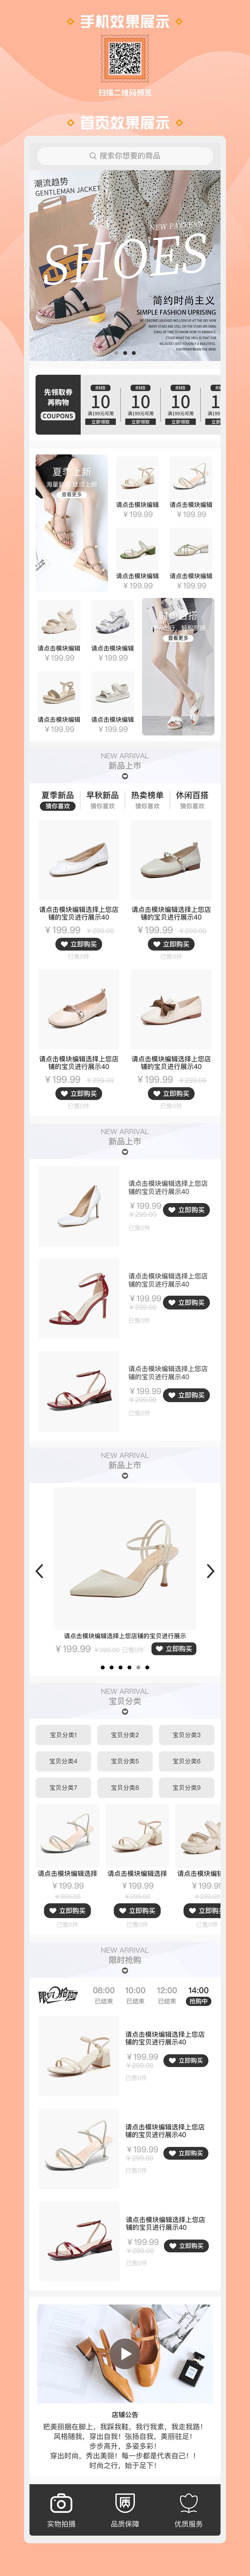 009简约女鞋智慧零售-第二屏介绍.jpg